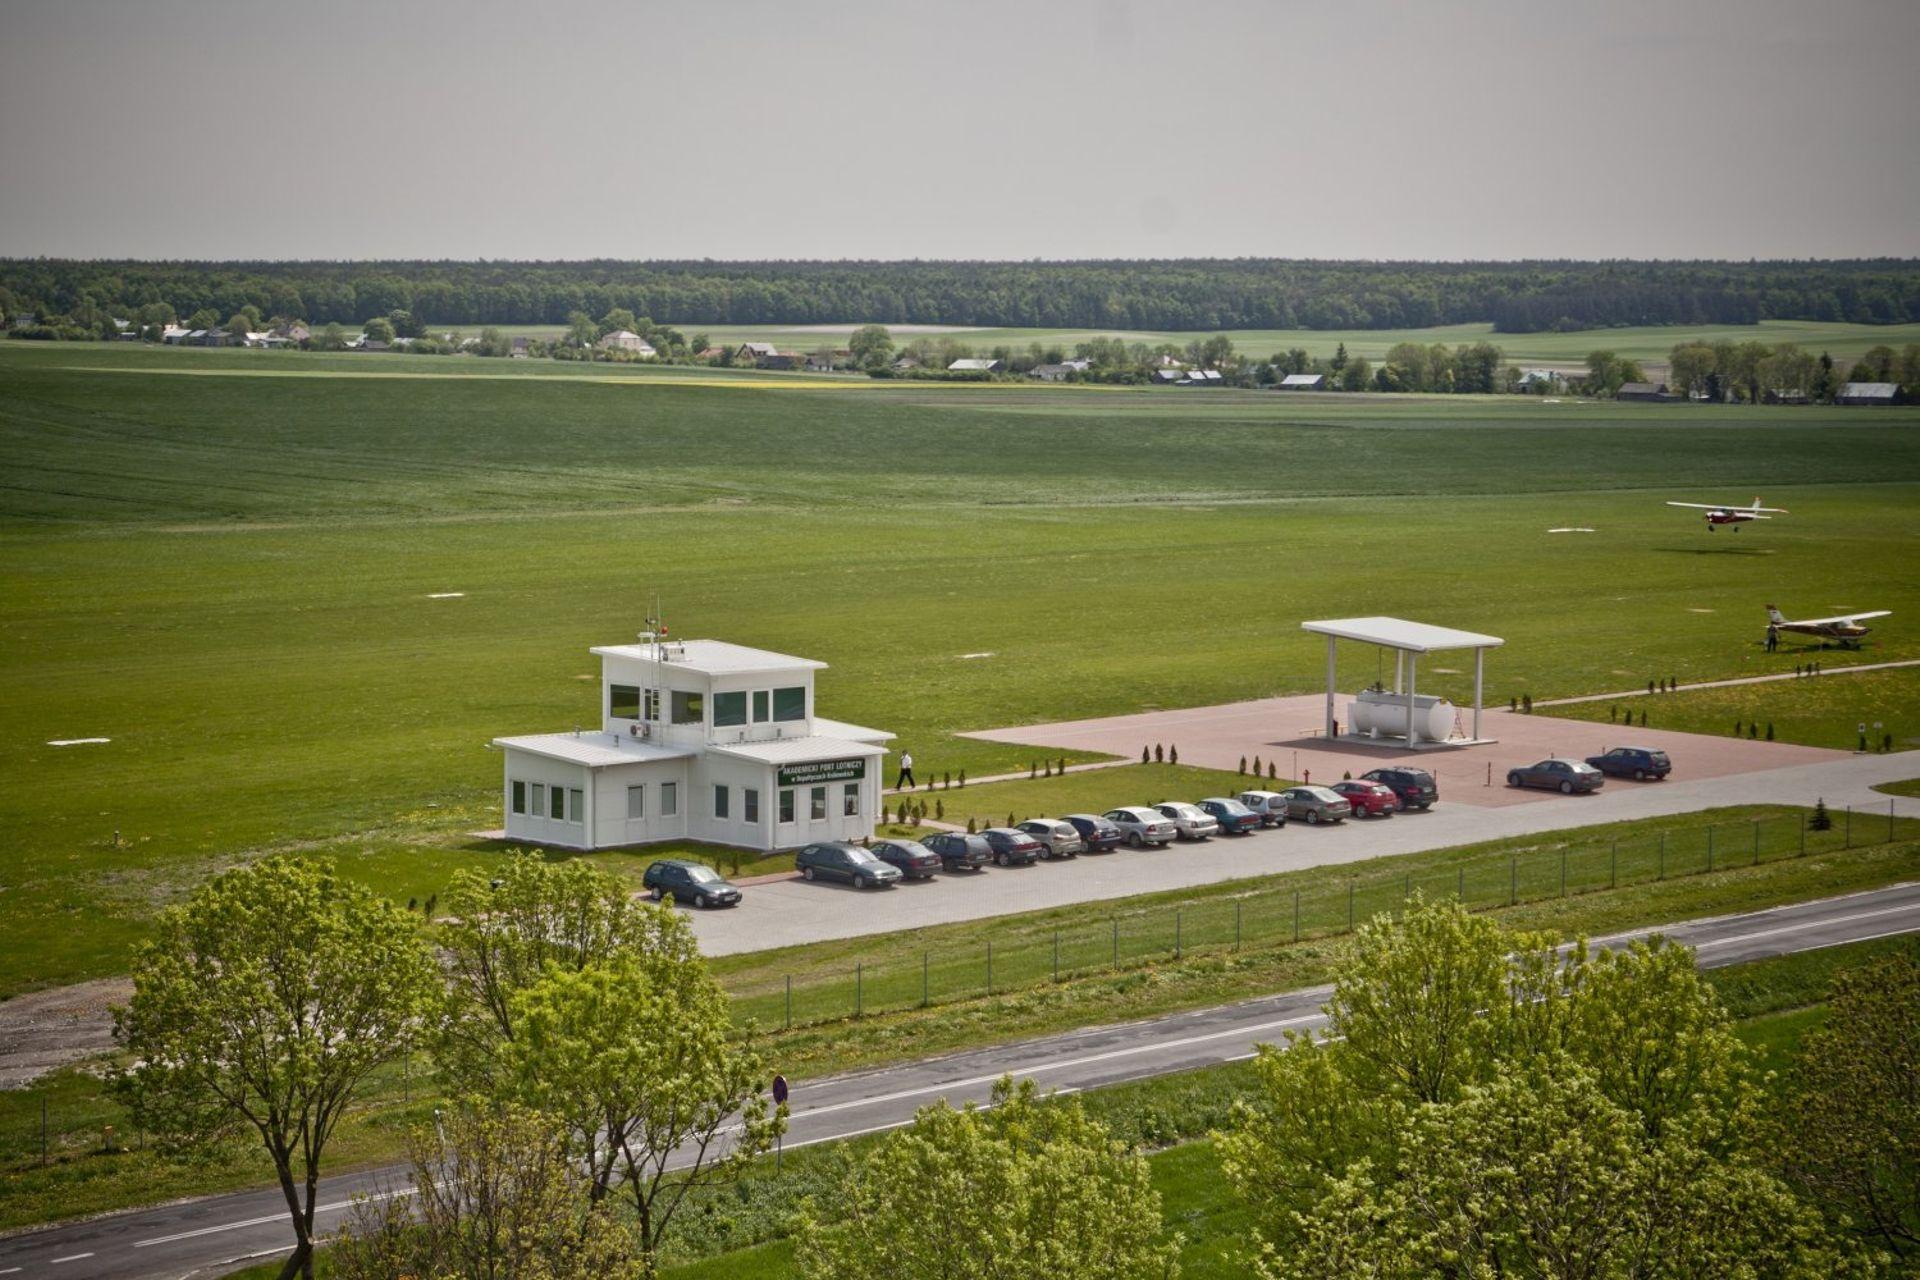 [lubelskie] Budowa pasa na lotnisku Państwowej Wyższej Szkoły Zawodowej w Chełmie nie zwalnia tempa